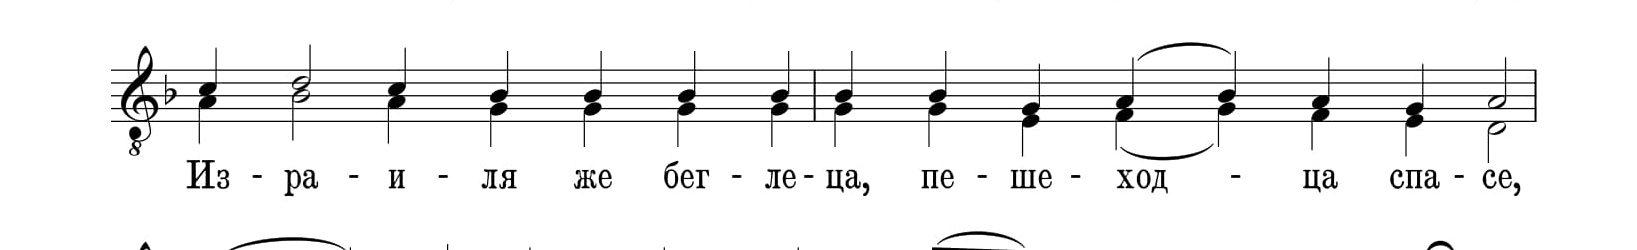 Ирмосы воскресные гл. 8 (напев Троице Сергиевой Лавры, в изложении и. Афанасия)